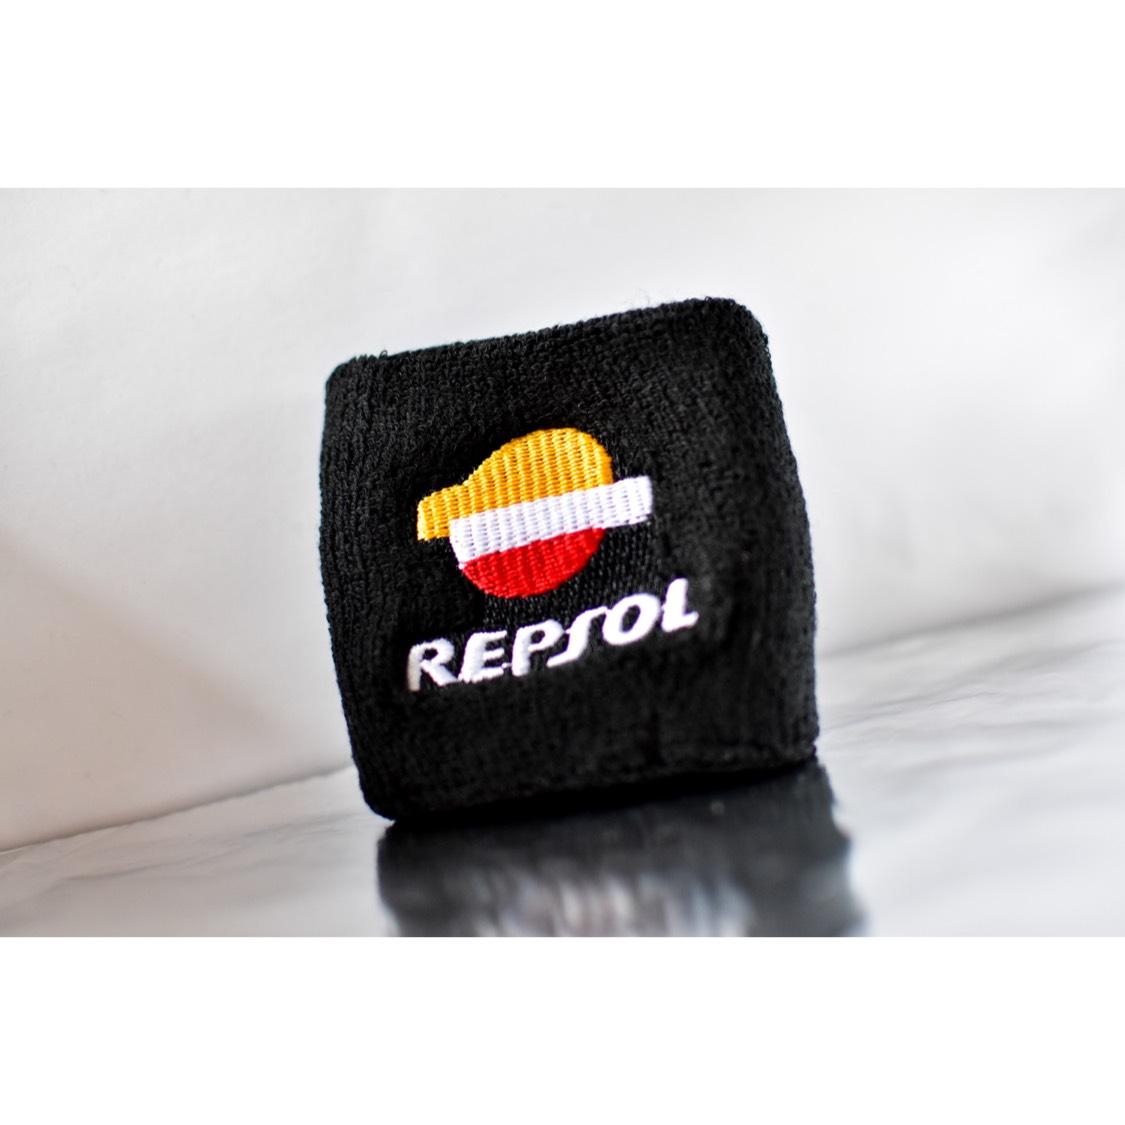 【数量限定】REPSOL 汎用 ブレーキマスターシリンダーカバー 新品!